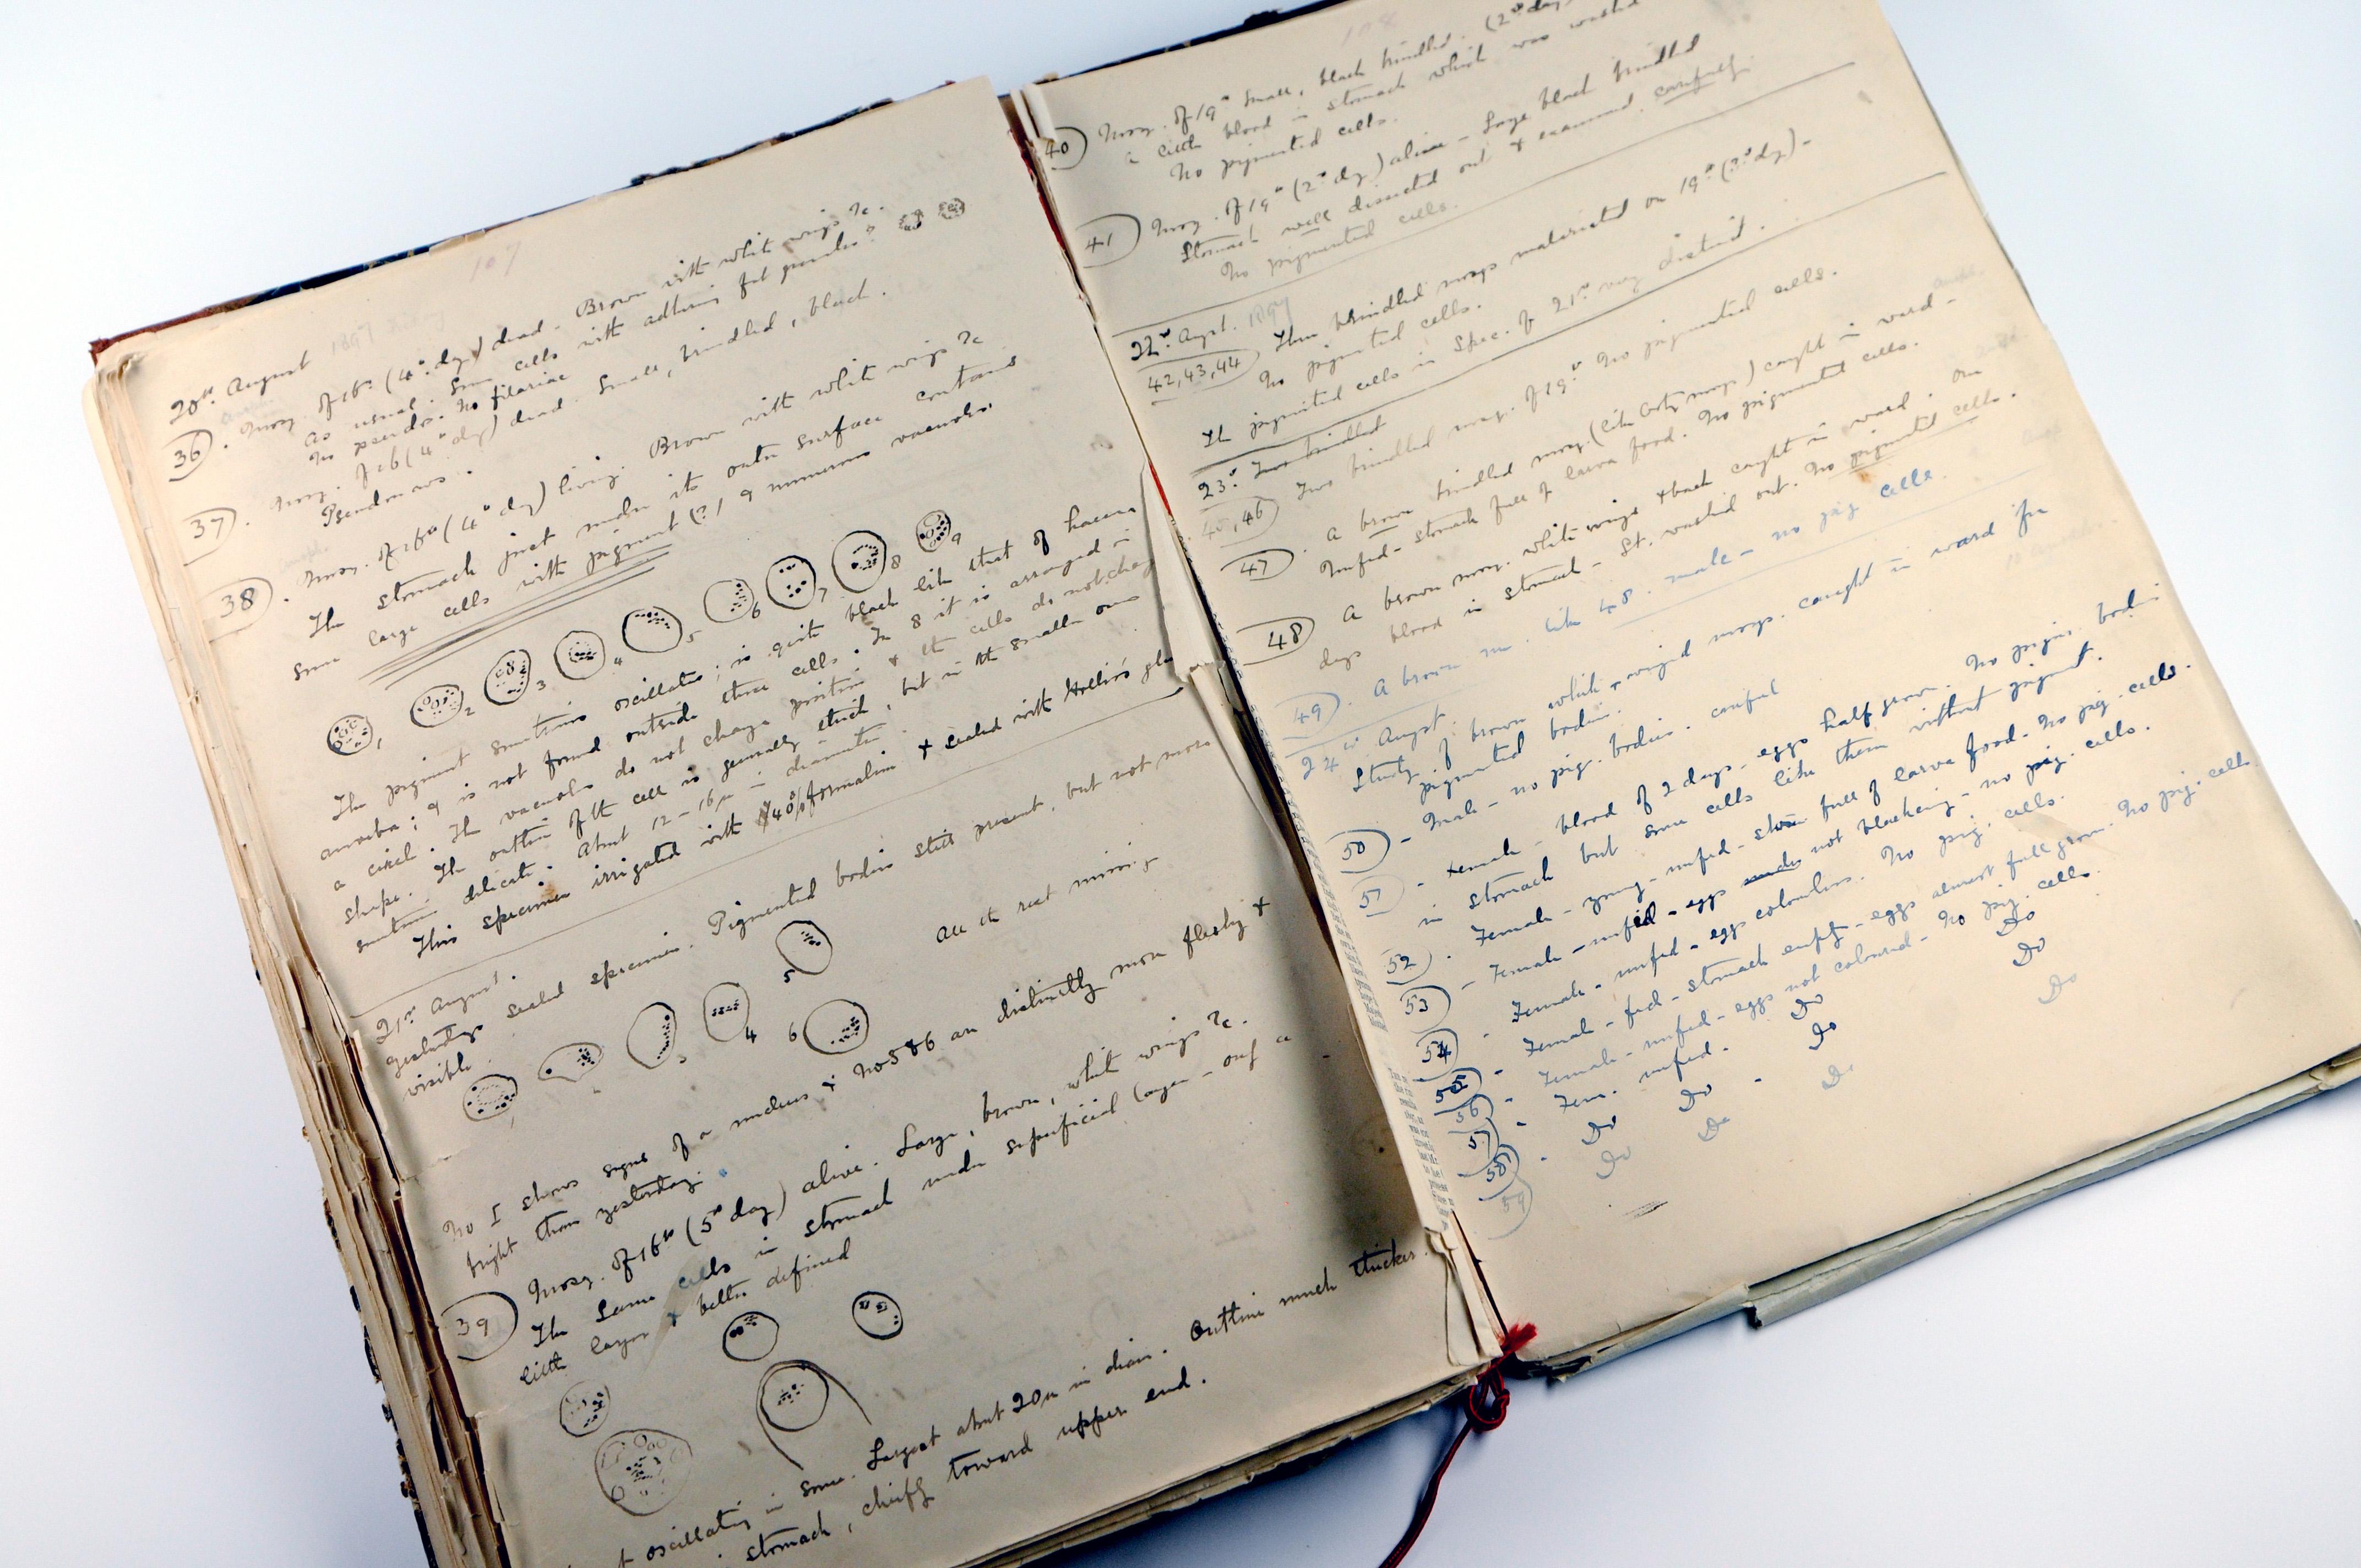 Sir Ronald Ross' notebook